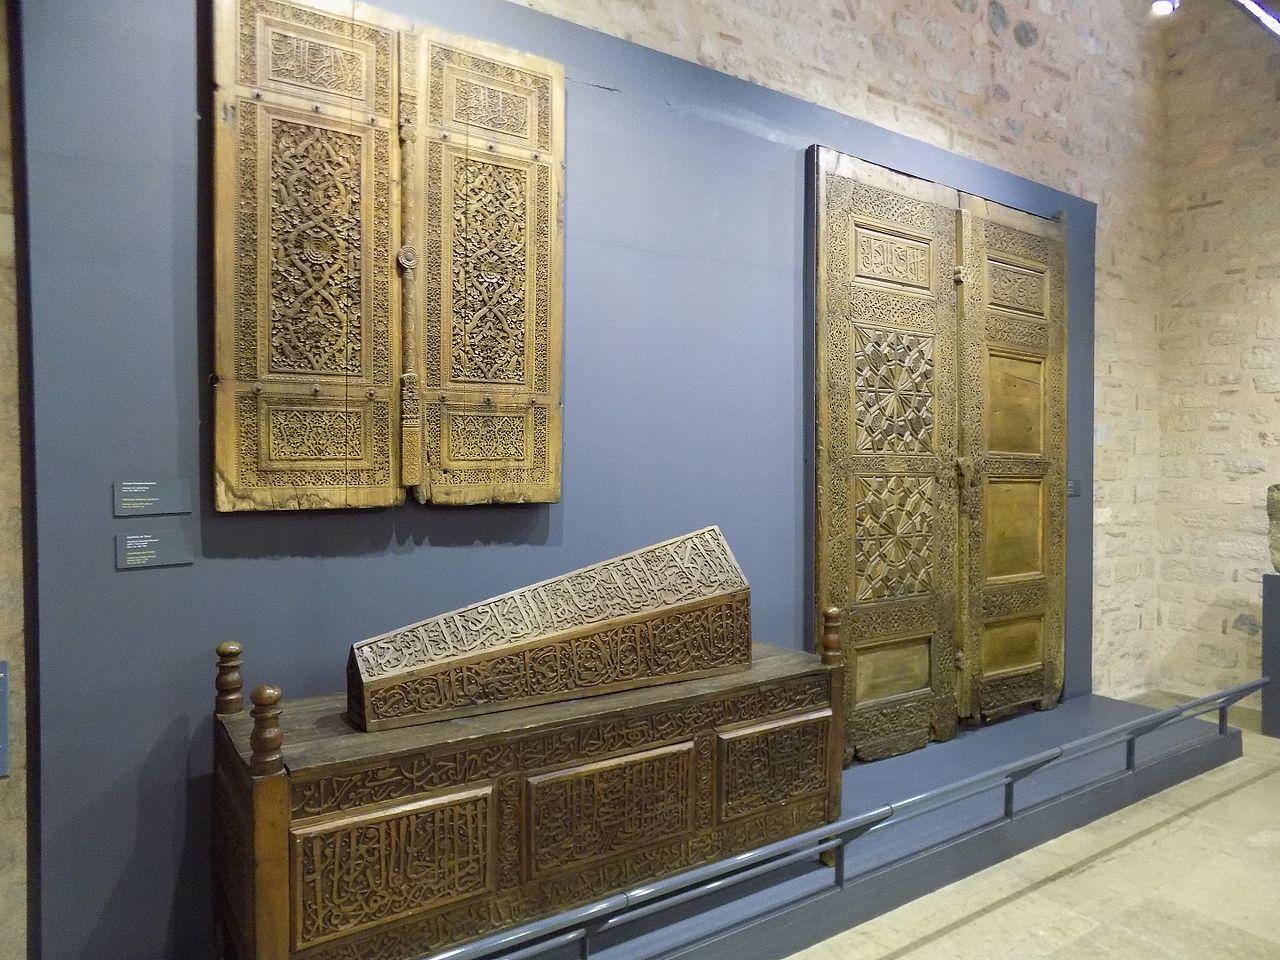 Музей турецкого и исламского искусства, резьба по дереву